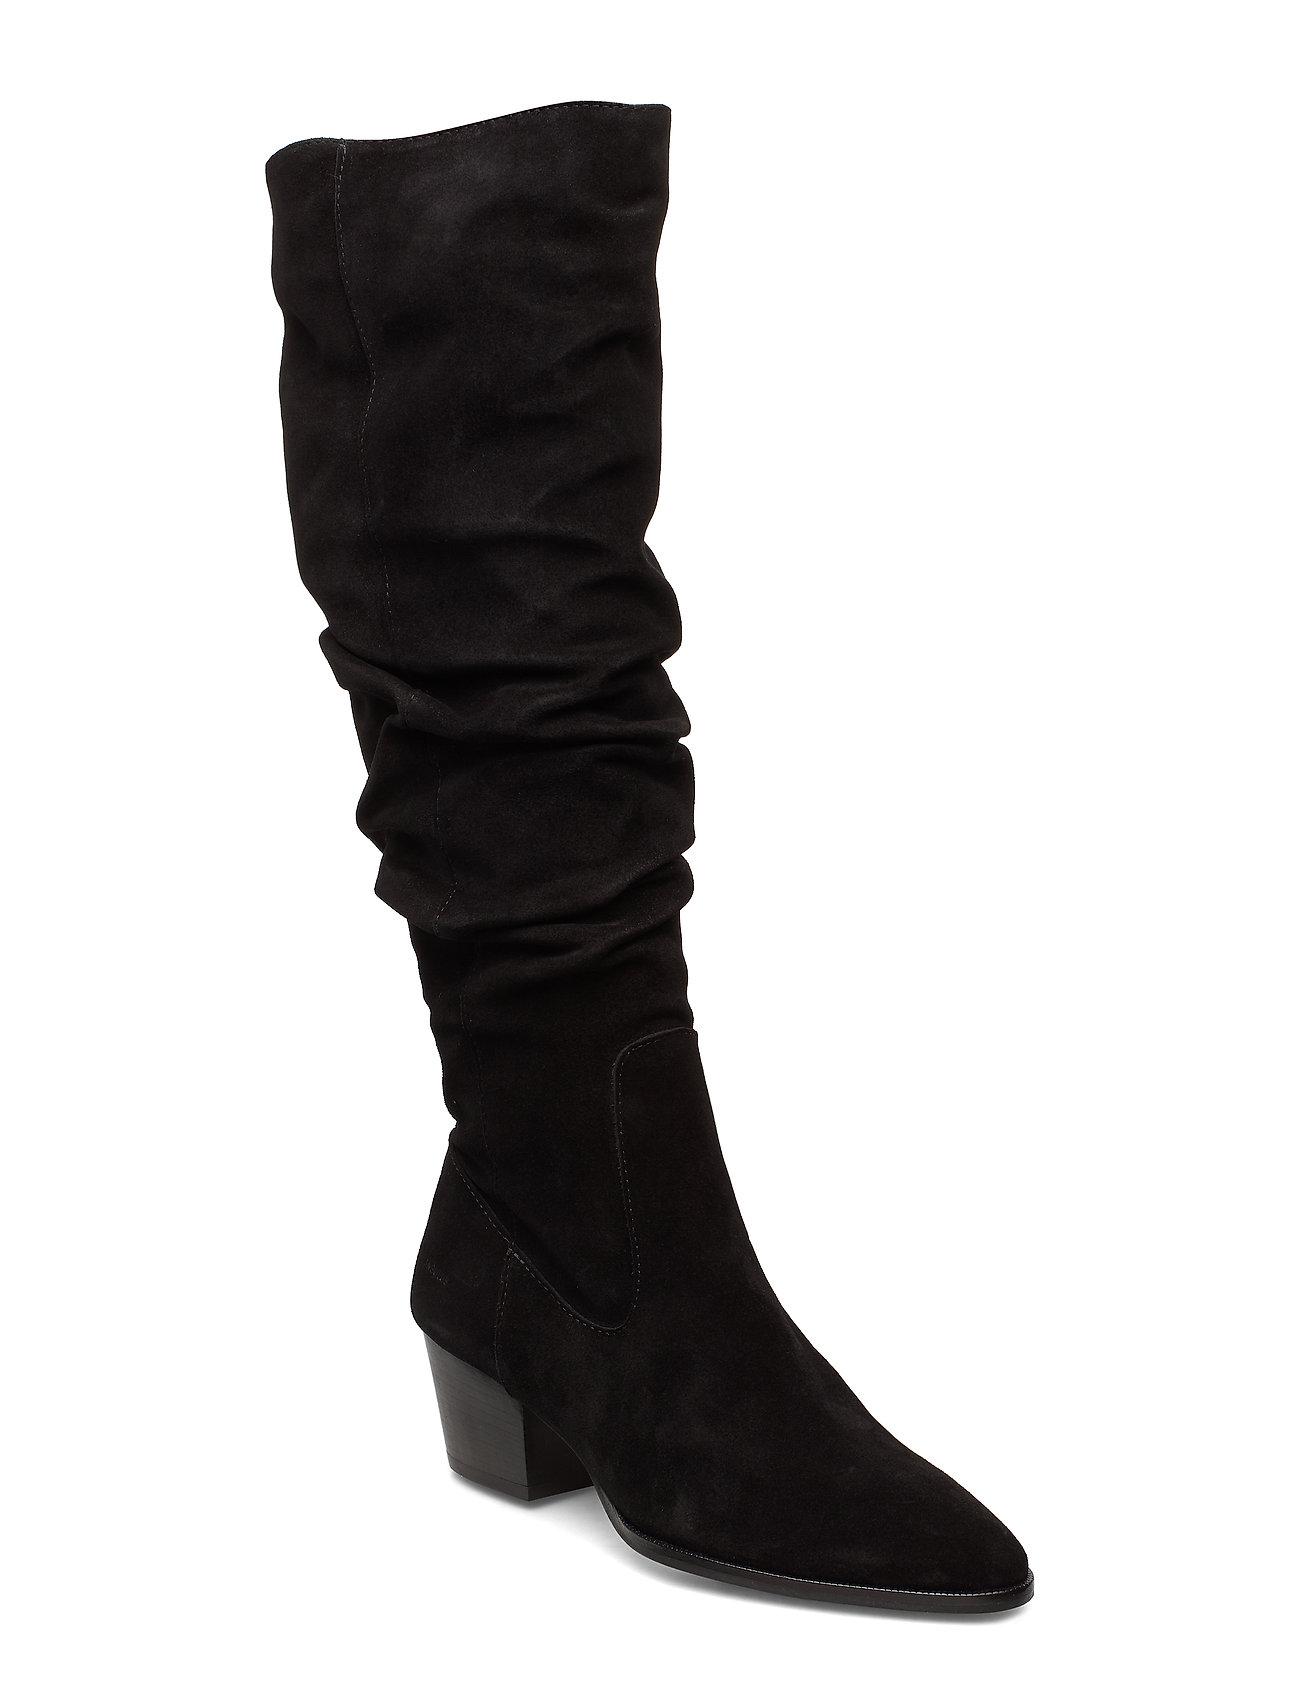 Image of Bootie - Block Heel - With Zippe Lange Støvler Sort ANGULUS (3234149775)